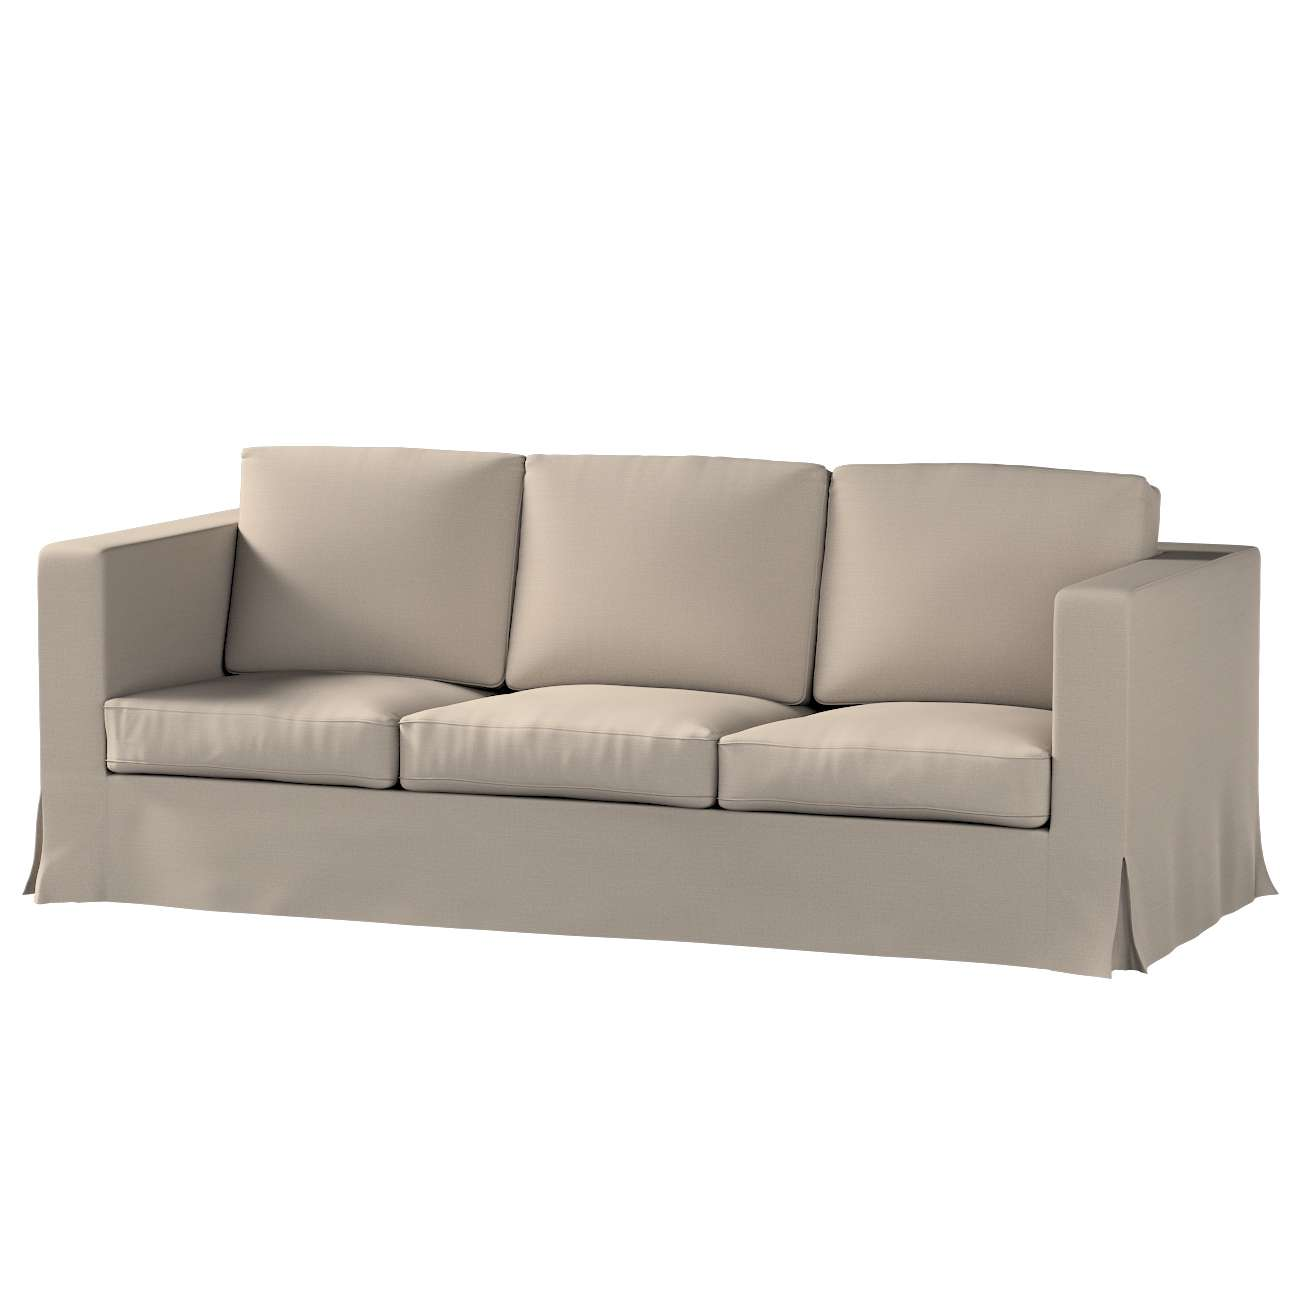 Potah na pohovku IKEA  Karlanda 3-místná nerozkládací, dlouhý v kolekci Living, látka: 161-53